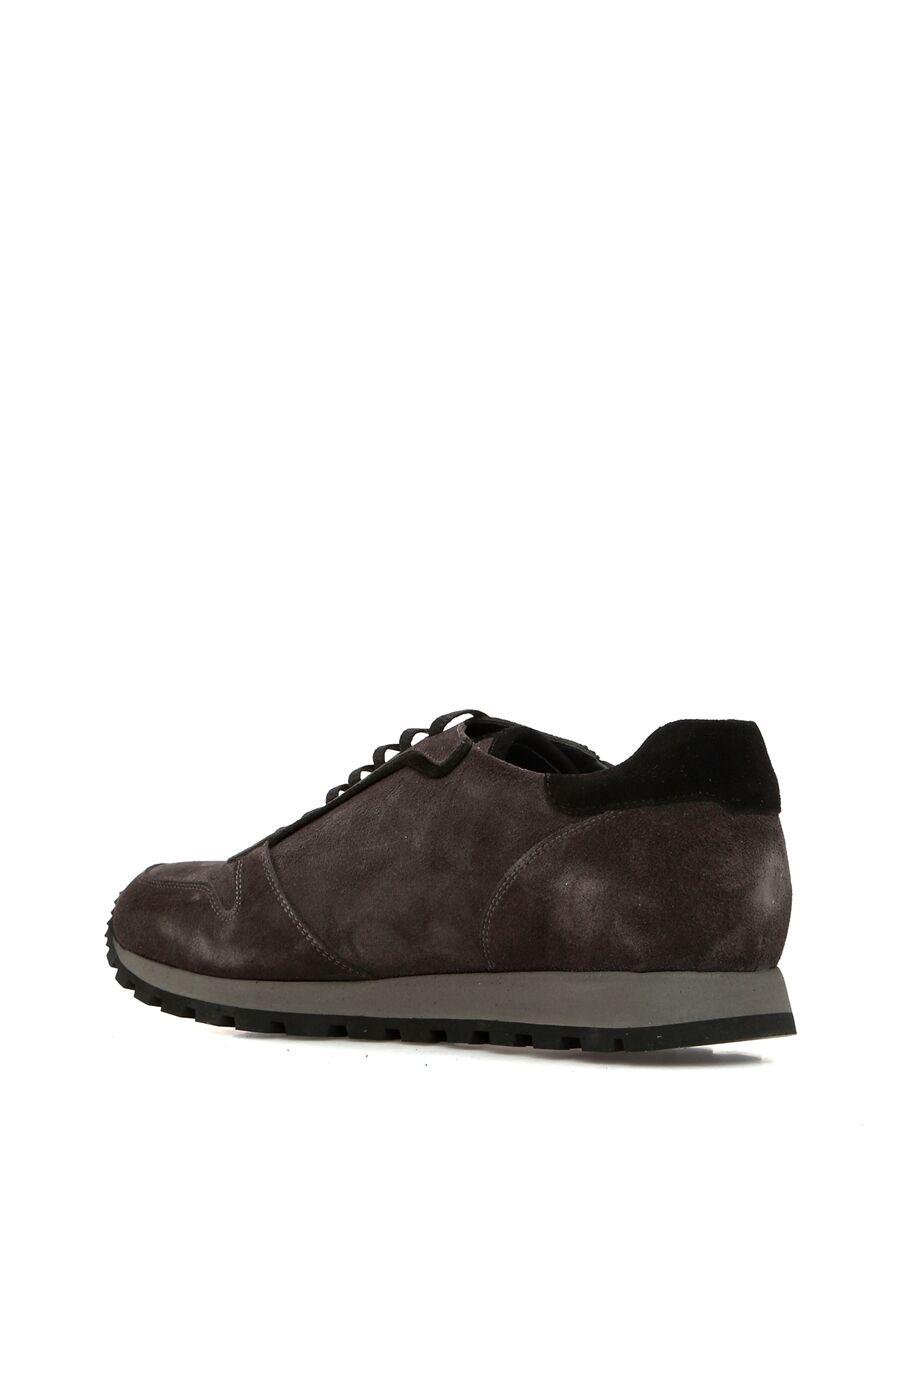 Füme Erkek Süet Ayakkabı